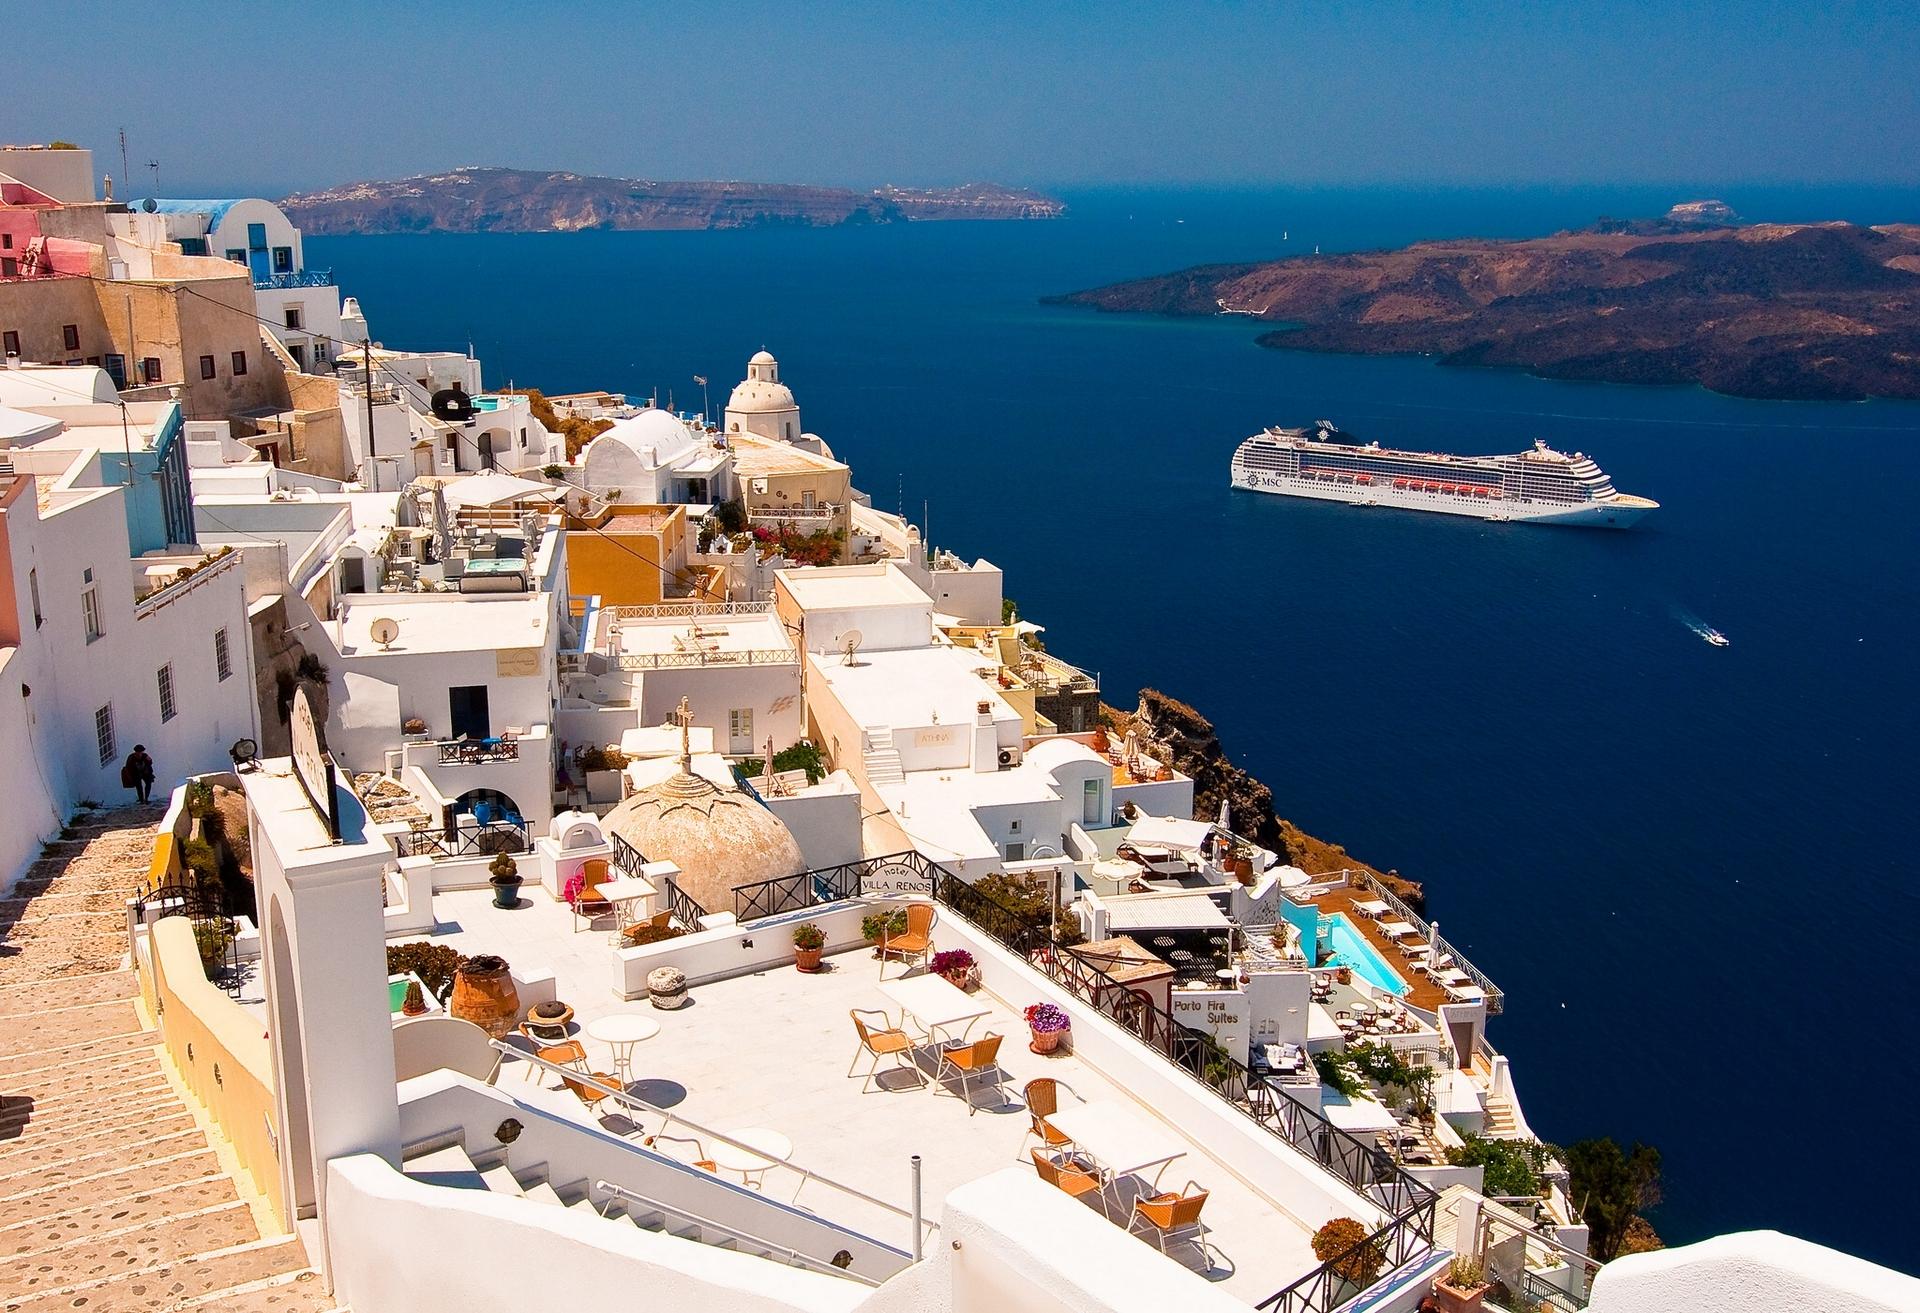 Картинки греция на рабочий стол, февраля поздравления